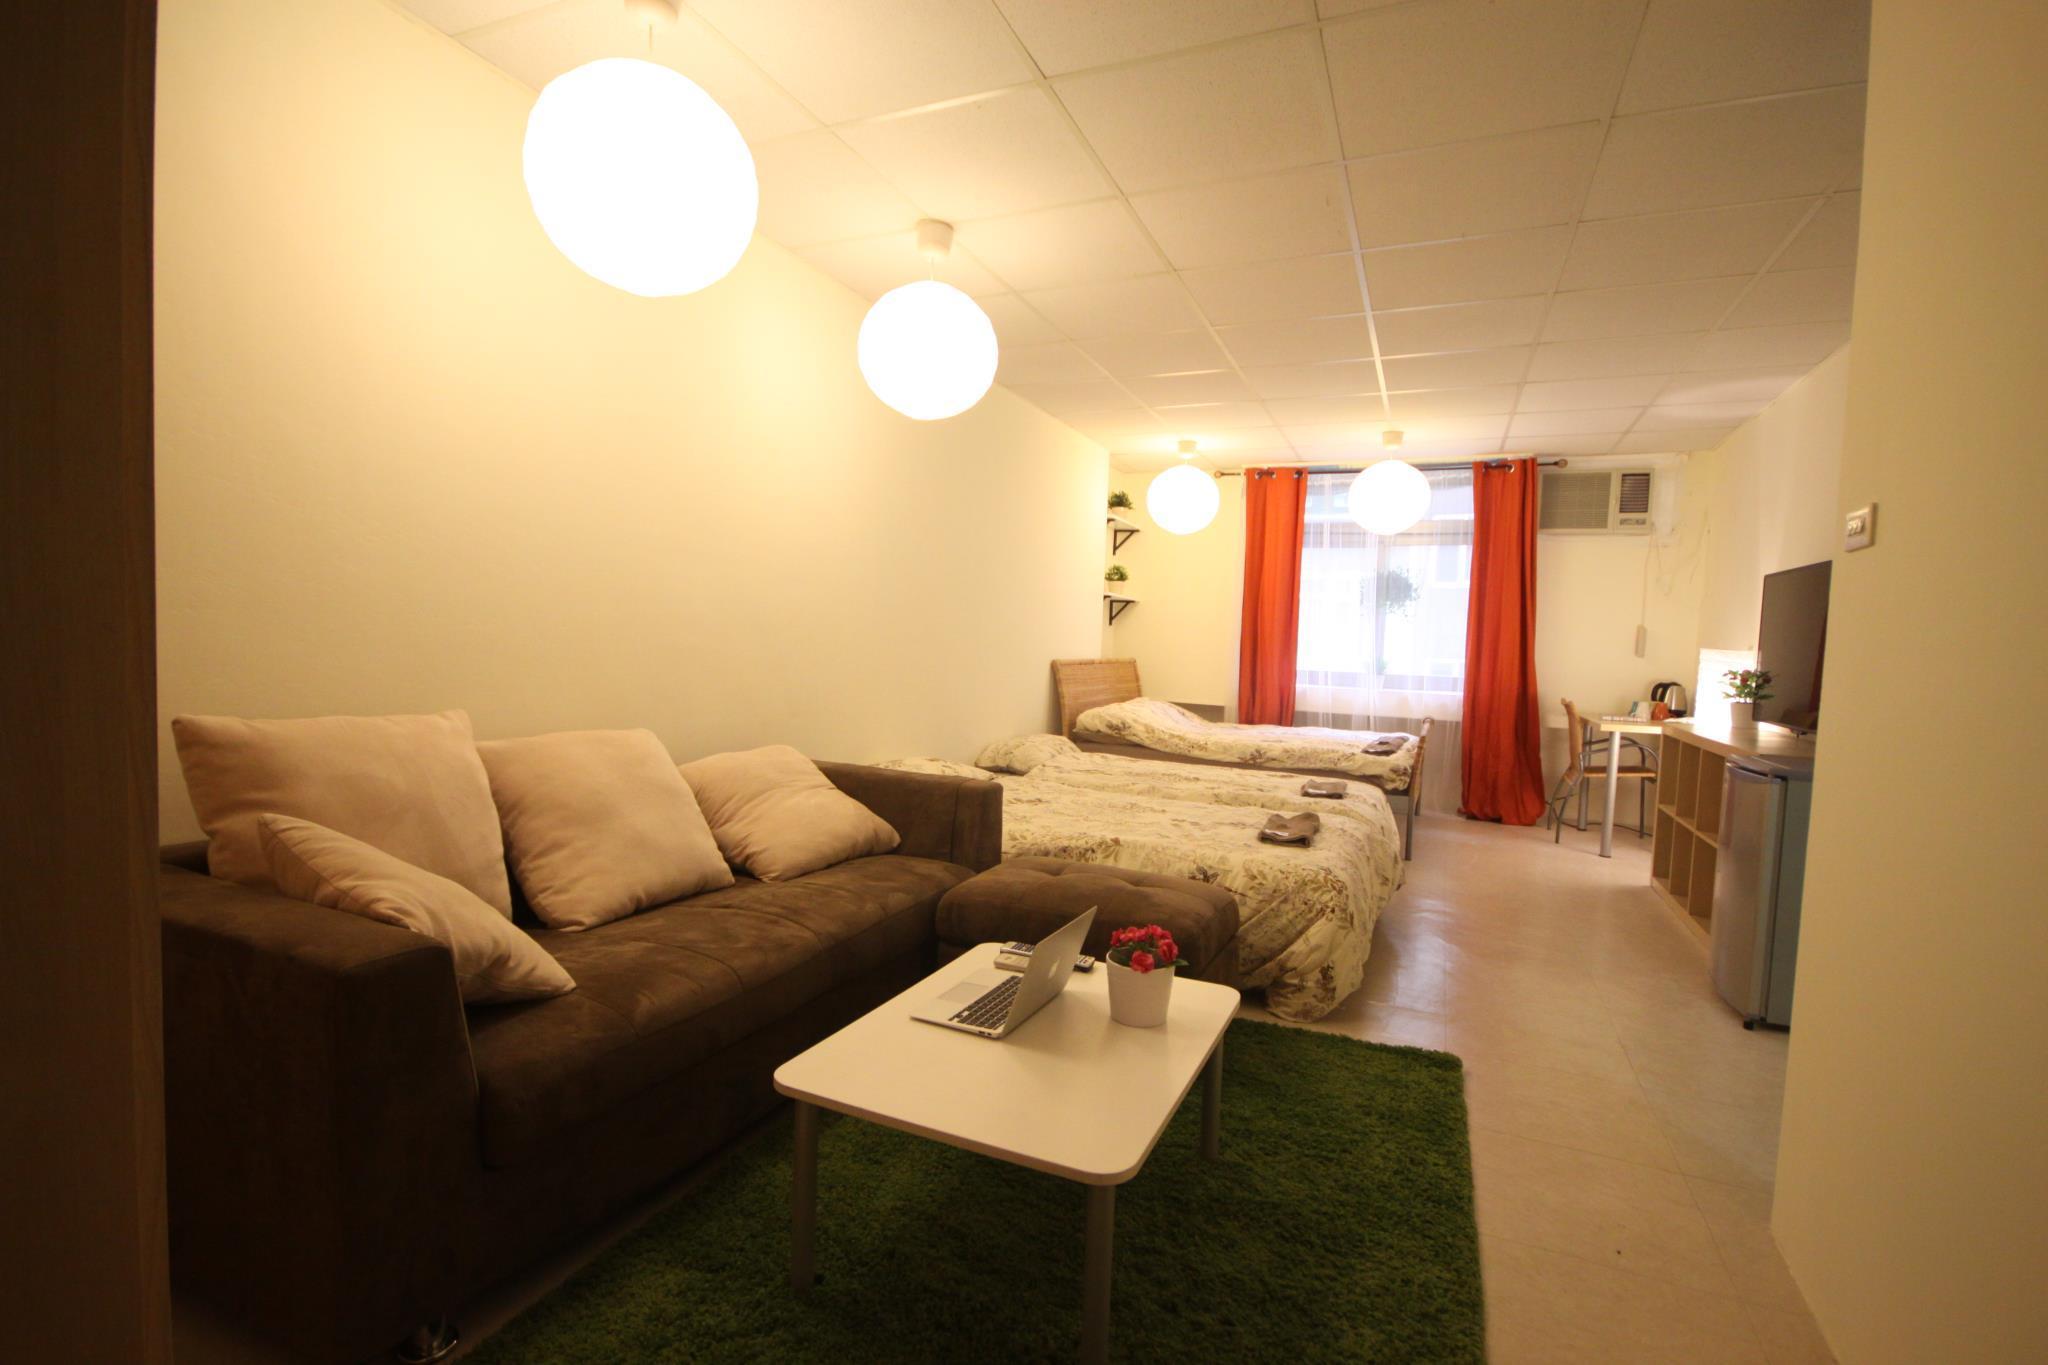 OldTaipei 4 People Studio Apartment   Raohe Night Market